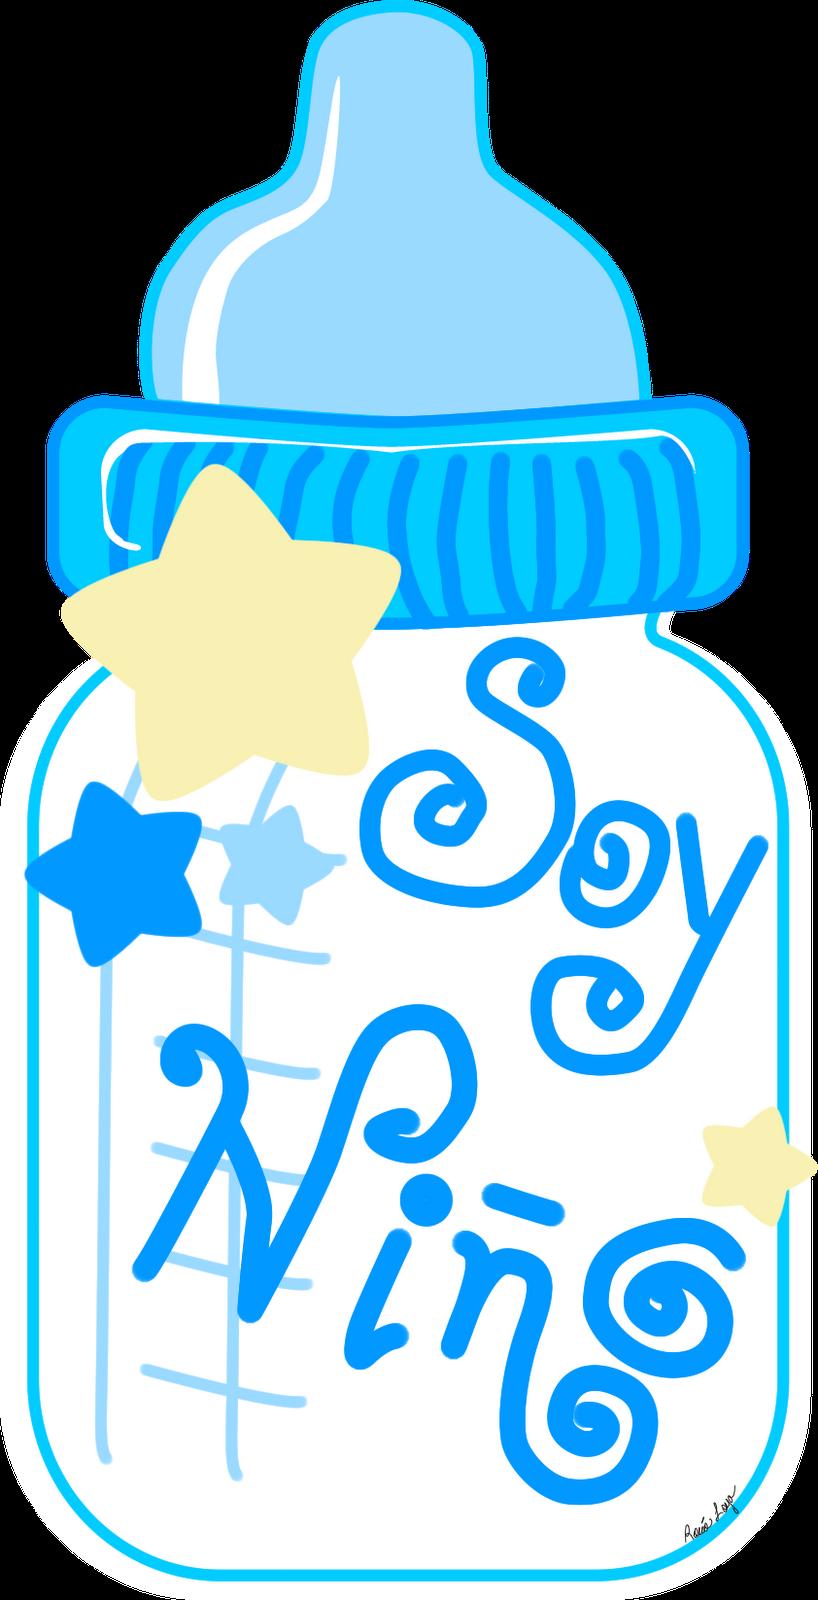 Biberonazul png baby boy. Streamers clipart light blue